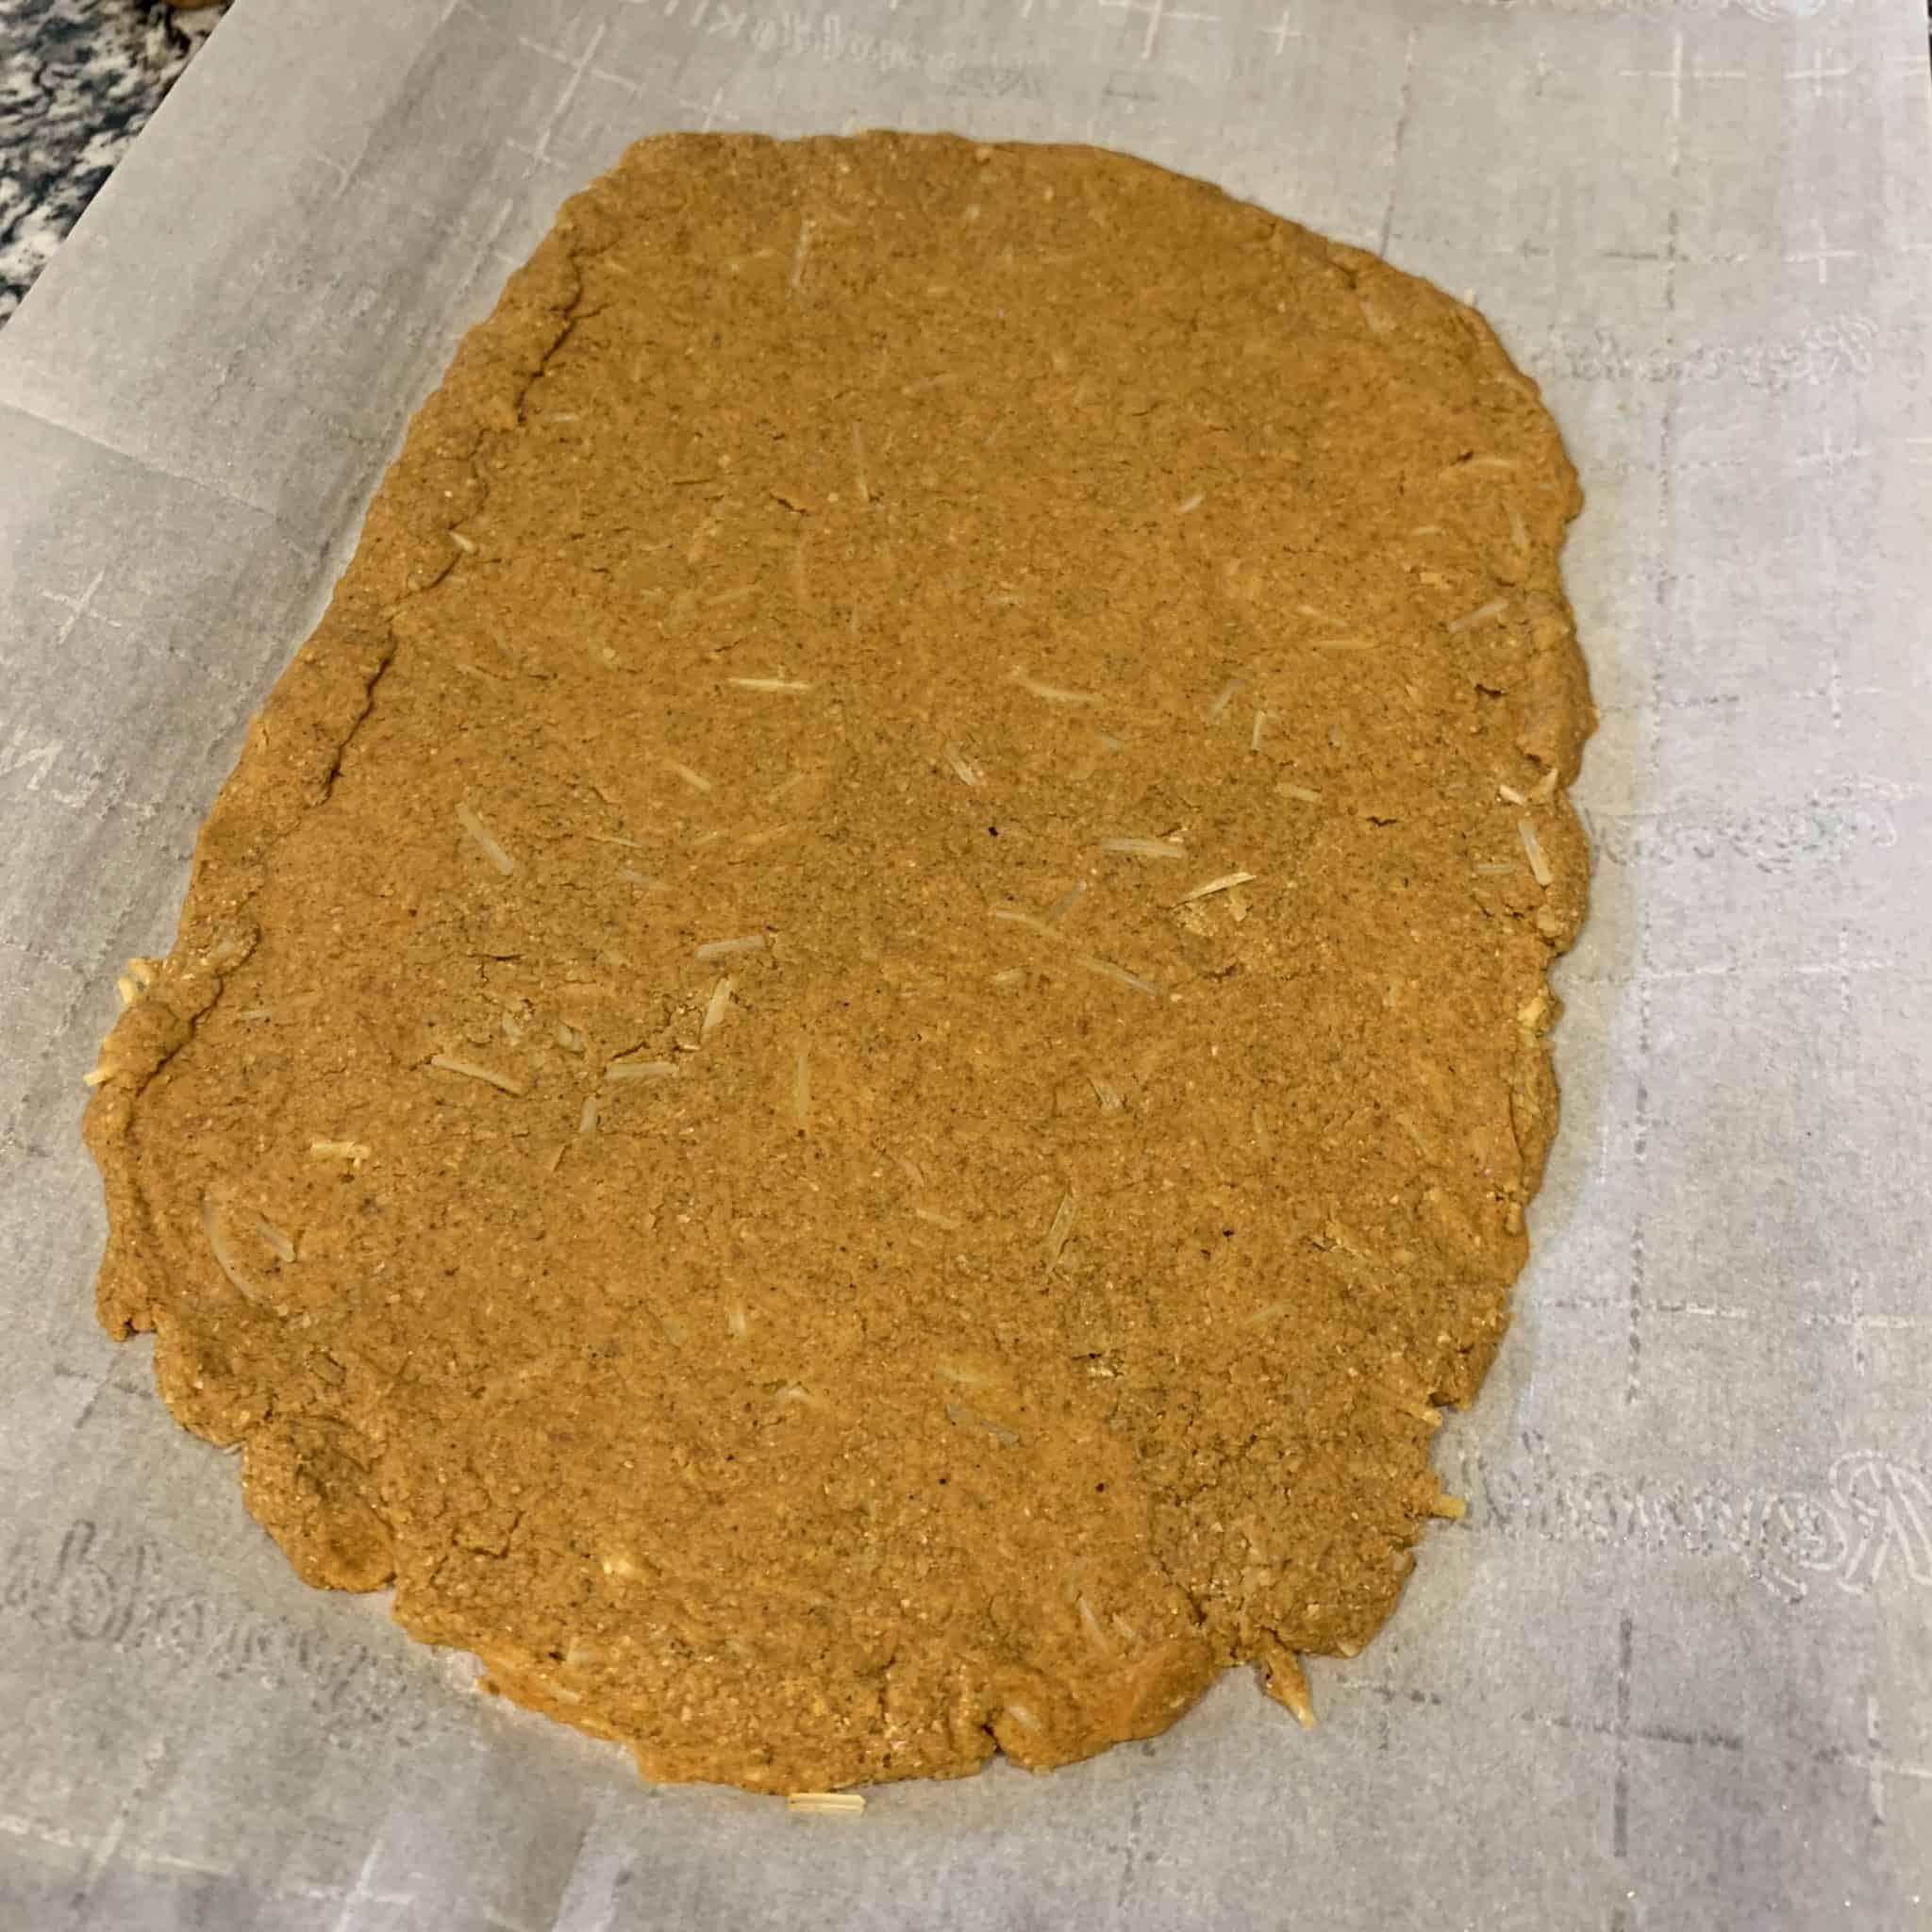 pumpkin pizza crust recipe step 5